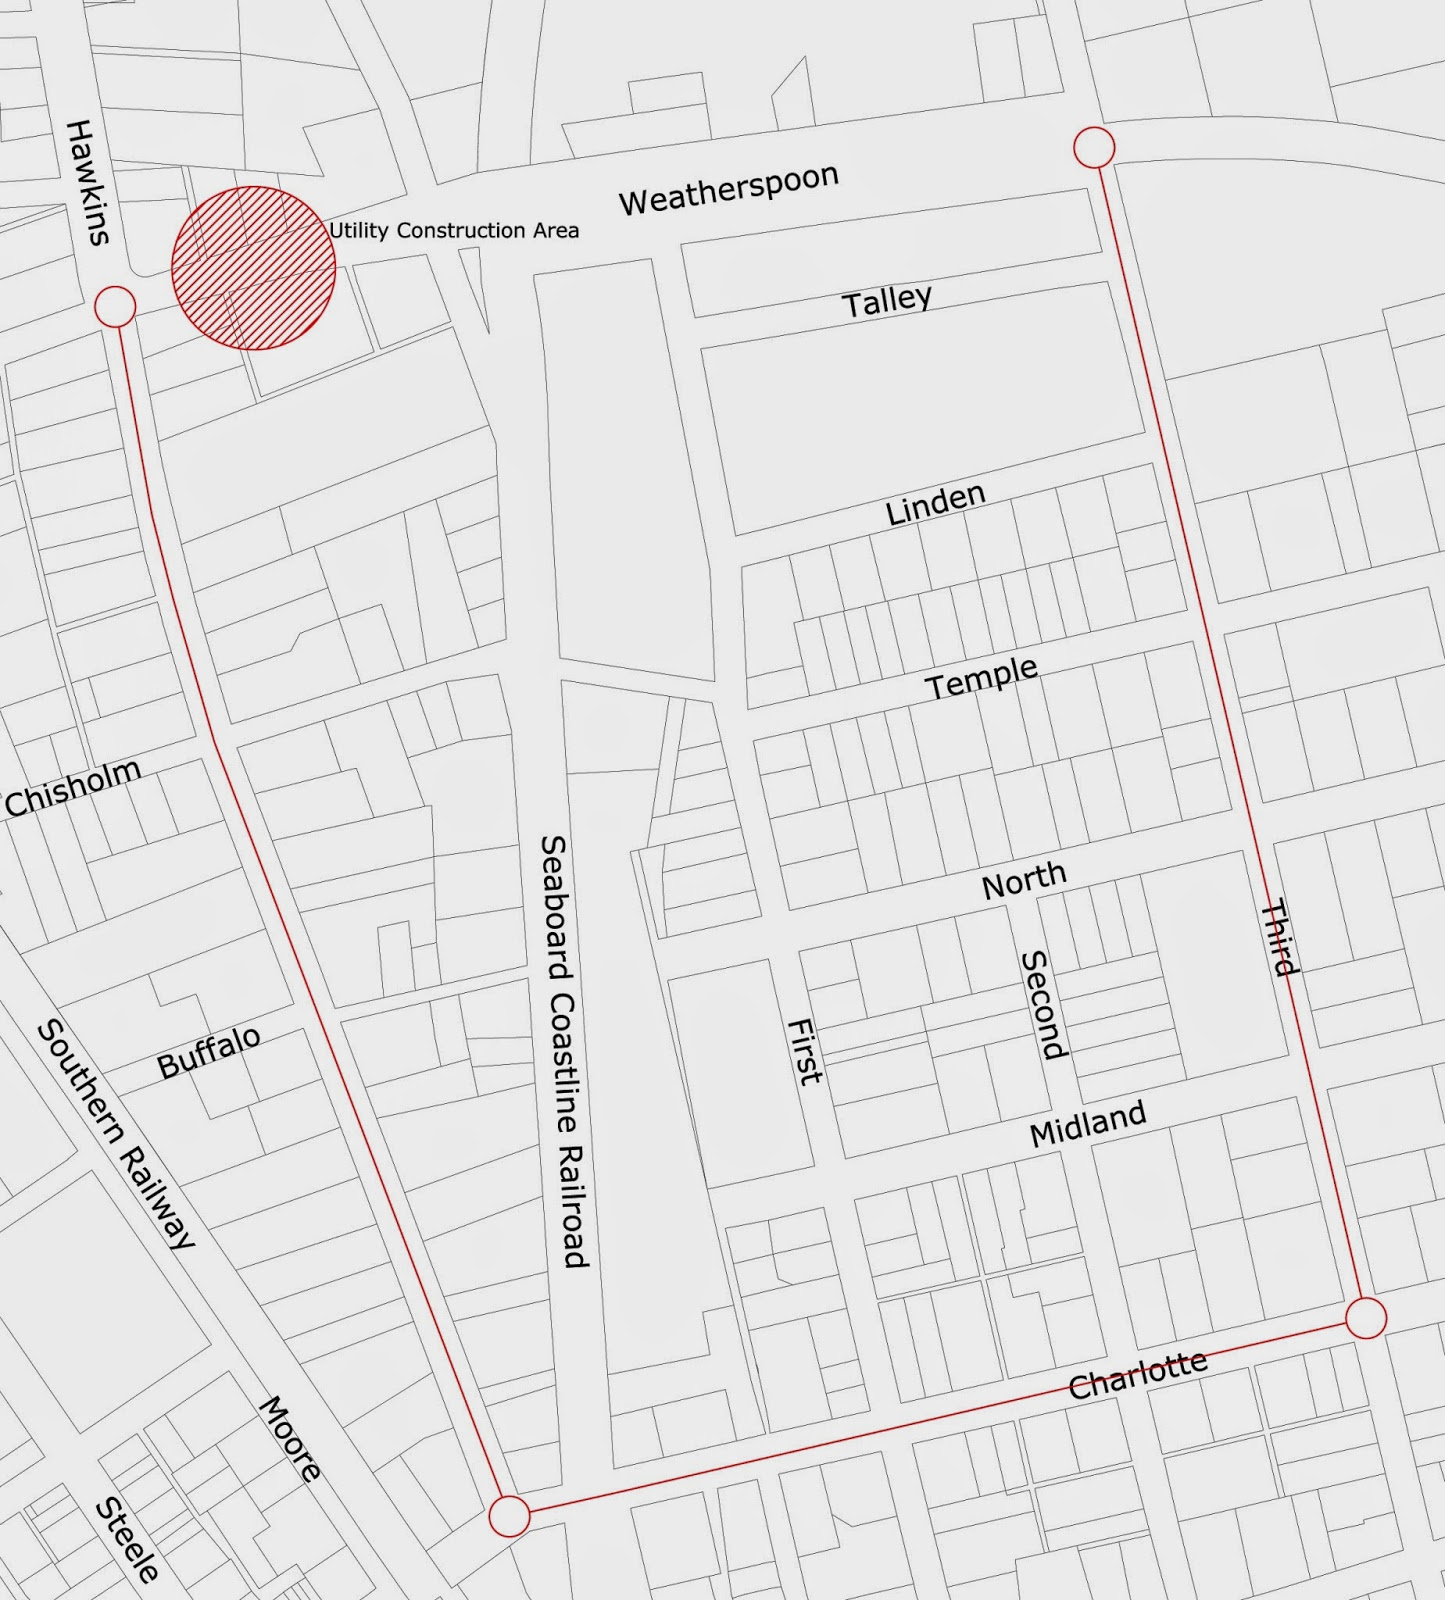 City of Sanford, NC: East Weatherspoon Street Closed Next Week